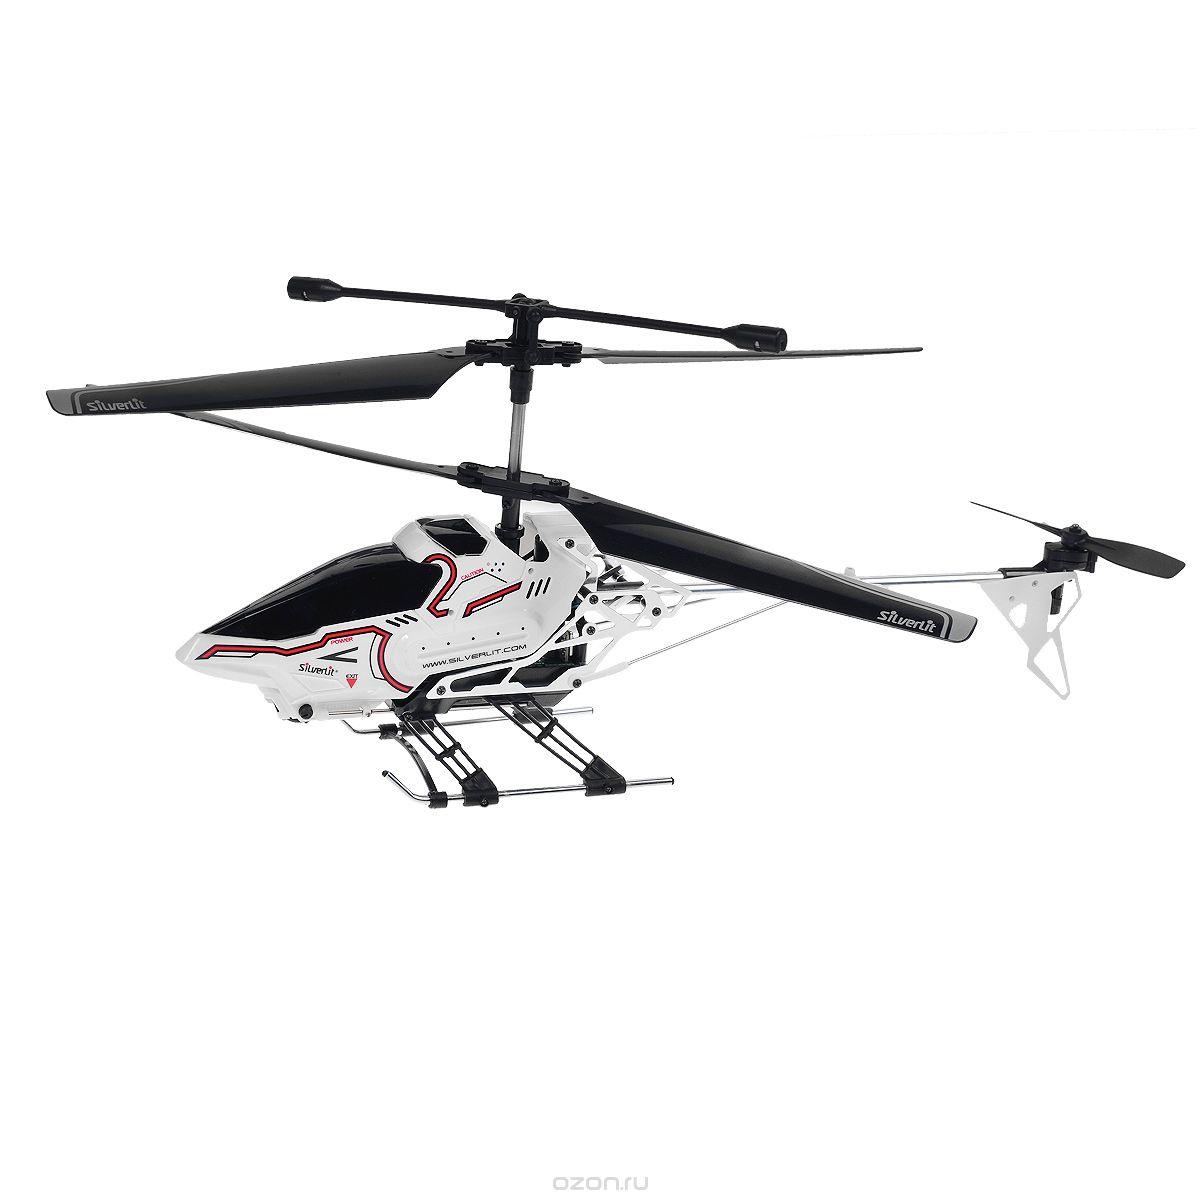 silverlit silverlit вертолет со стрелами helli blaster на радиоуправлении 3х канальный Silverlit Вертолет на радиоуправлении Sky Eye цвет белый